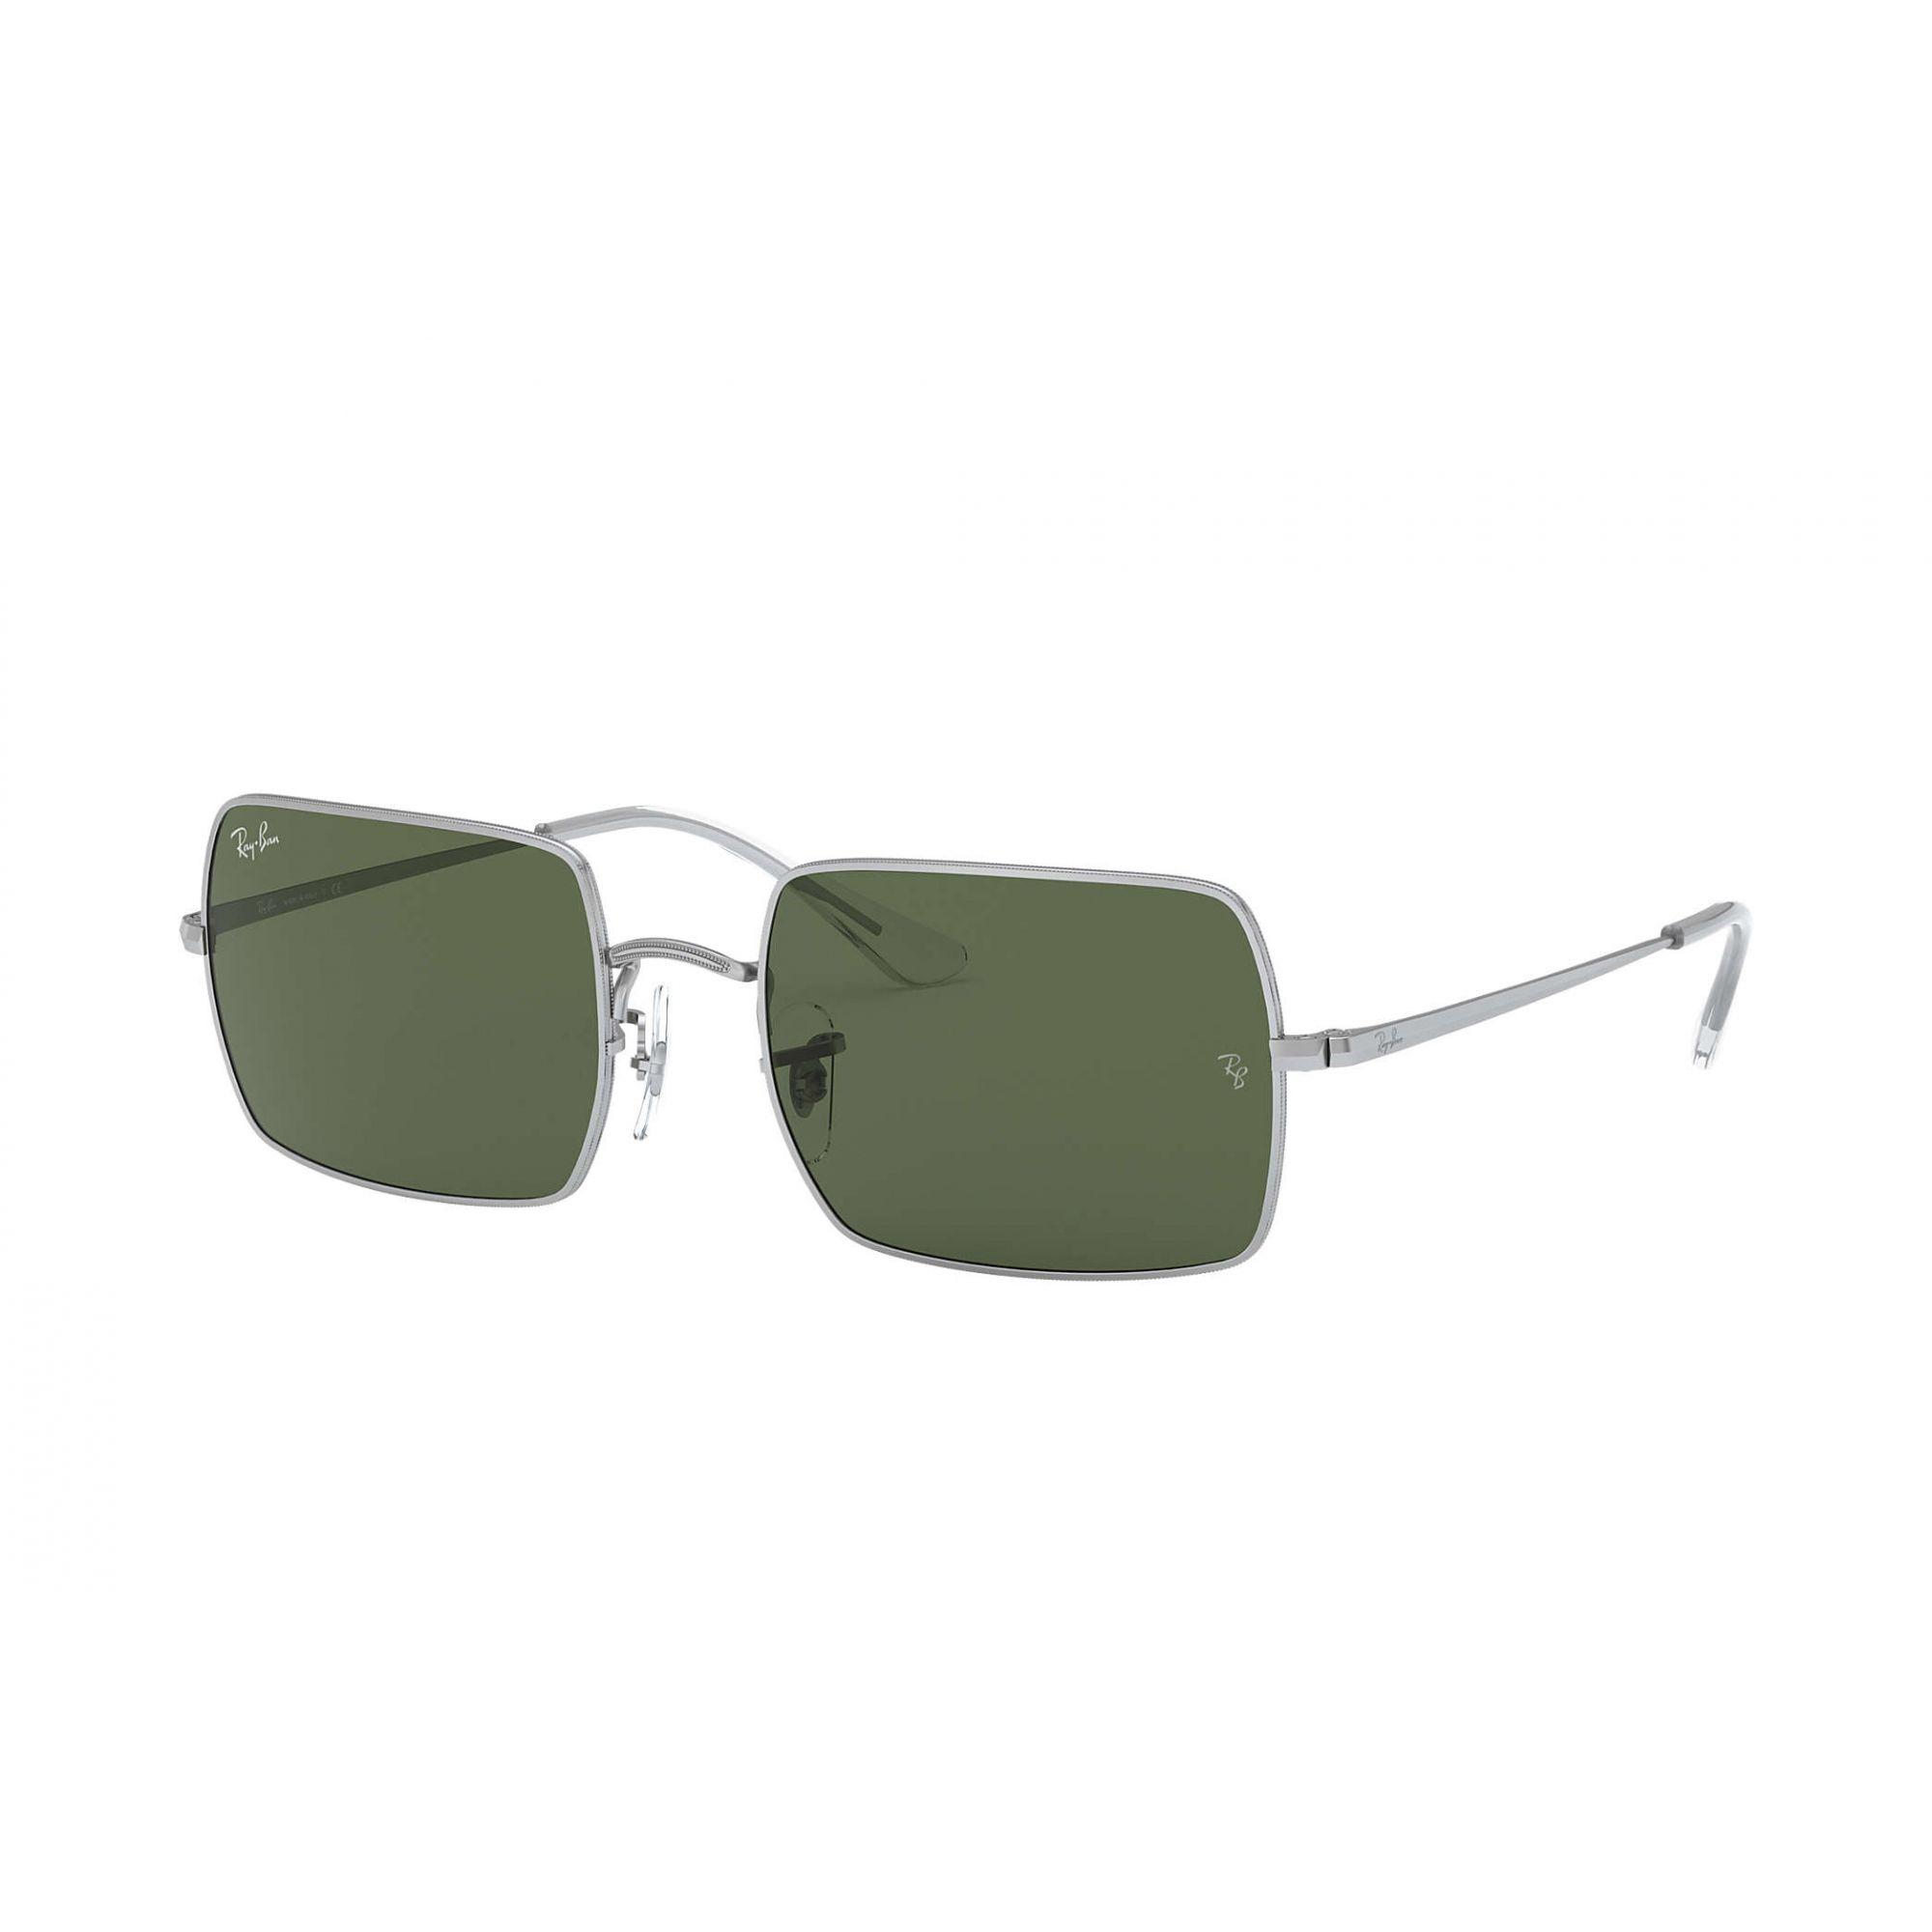 Ray Ban - RB1969 91493154 - Óculos de sol